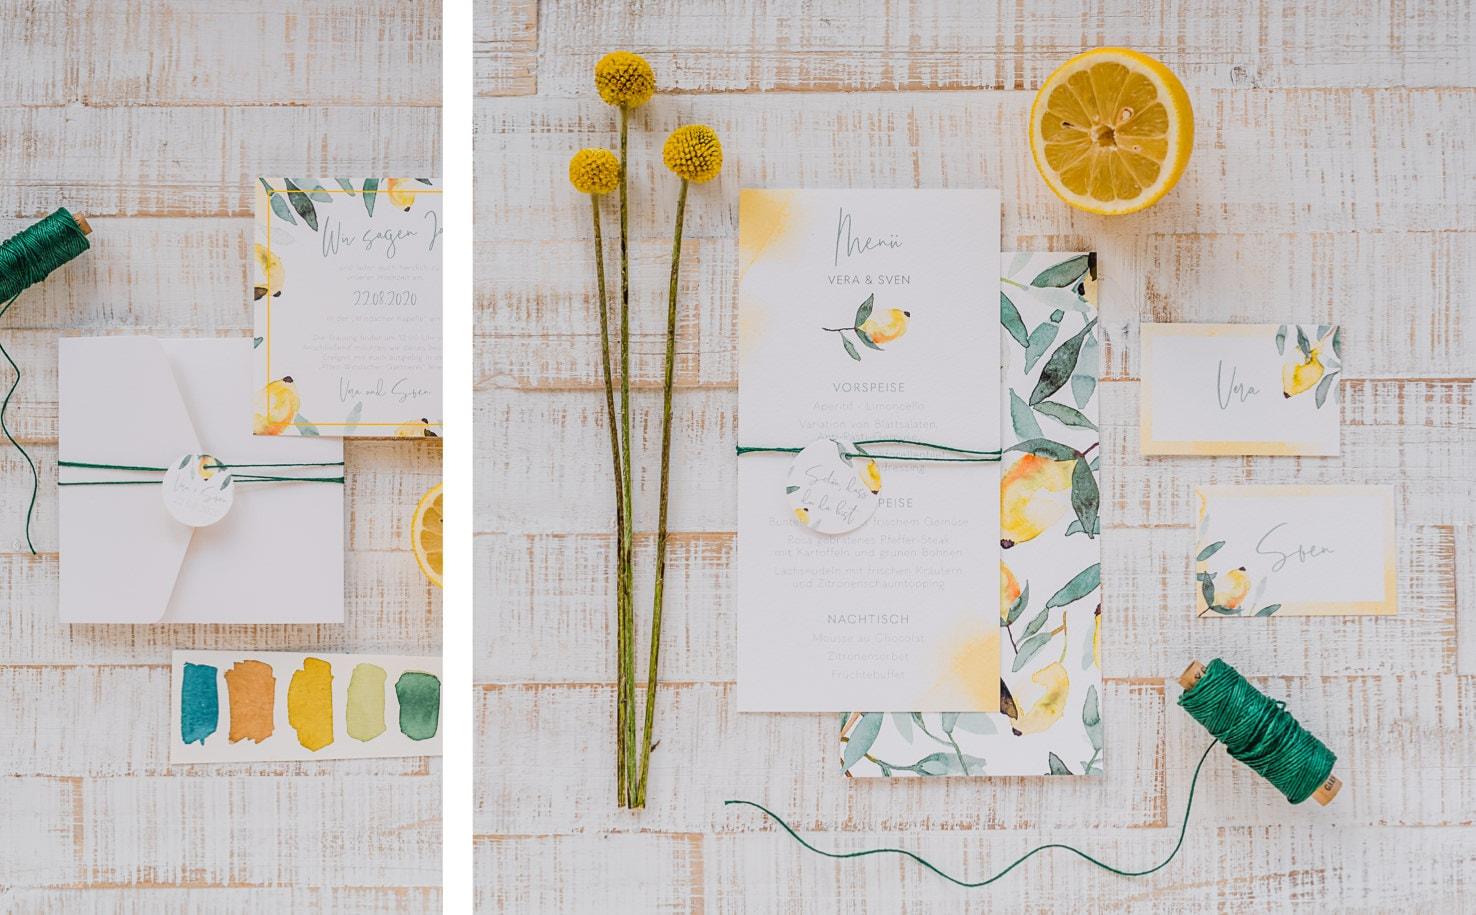 Produktfotografie für Farbgold: Flatlays von Hochzeitspapetrie Designs in frischem Zitronengelb kombiniert mit einem dunklen Grün